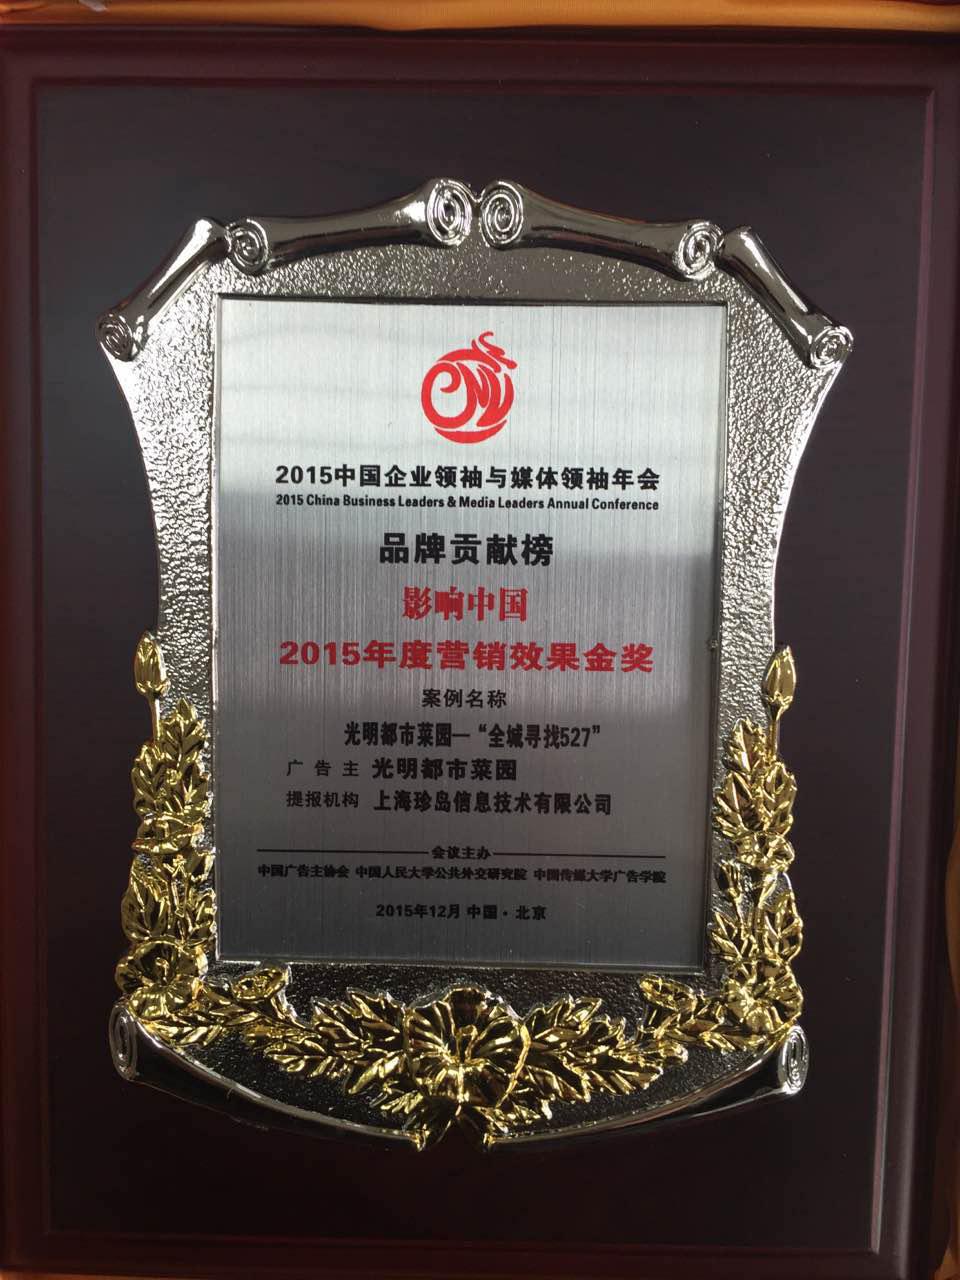 影响国外2015年度营销结果金奖—光亮527